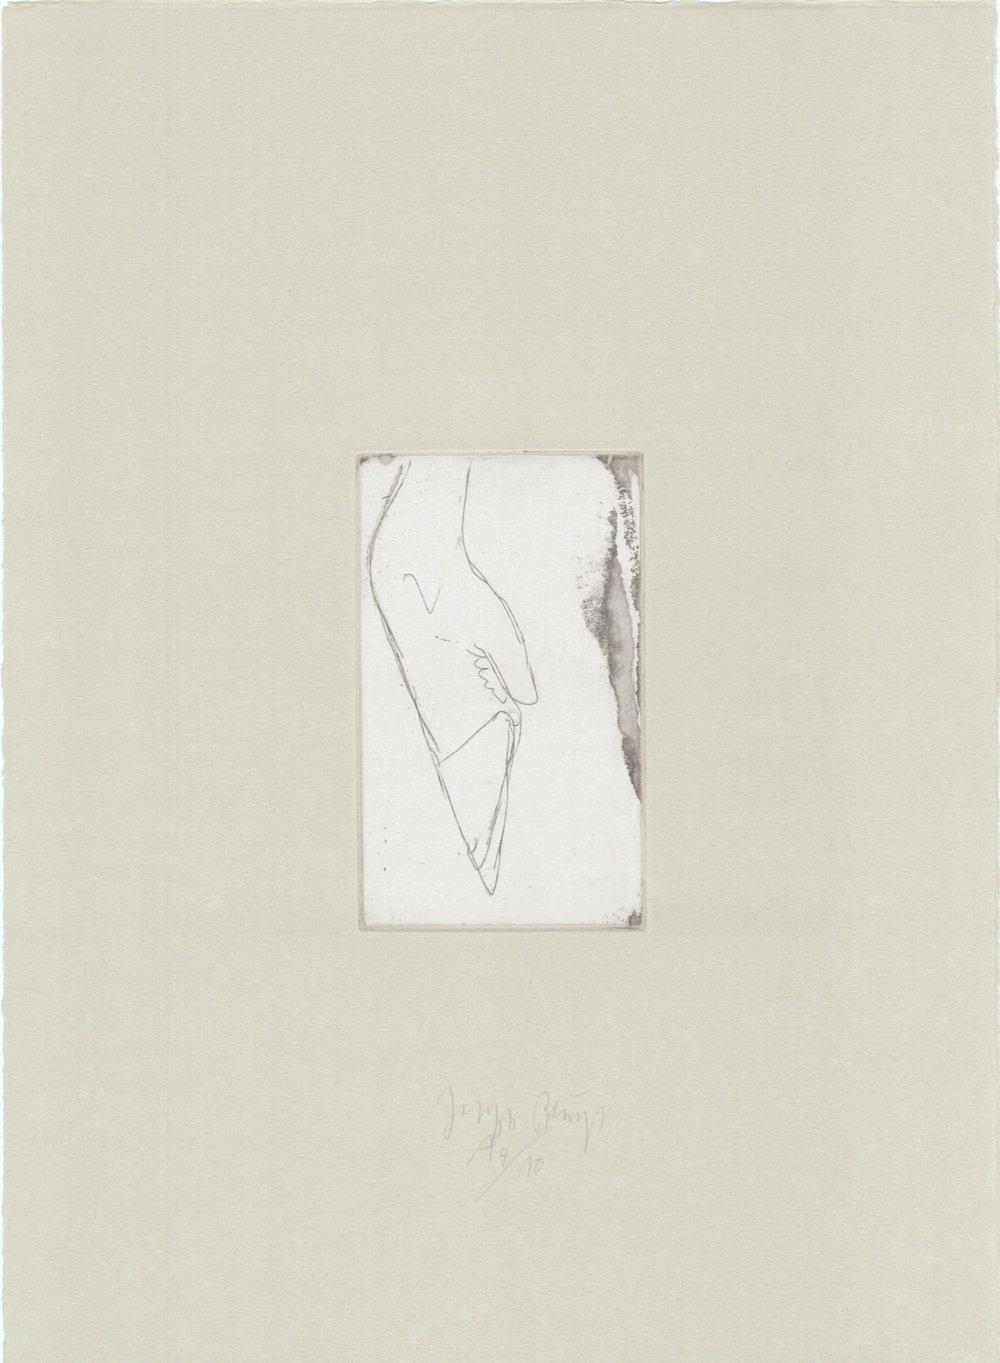 Tränen- Hirschfuß 13/25 (Normalausgabe, Radierung auf Rives gris) 1985